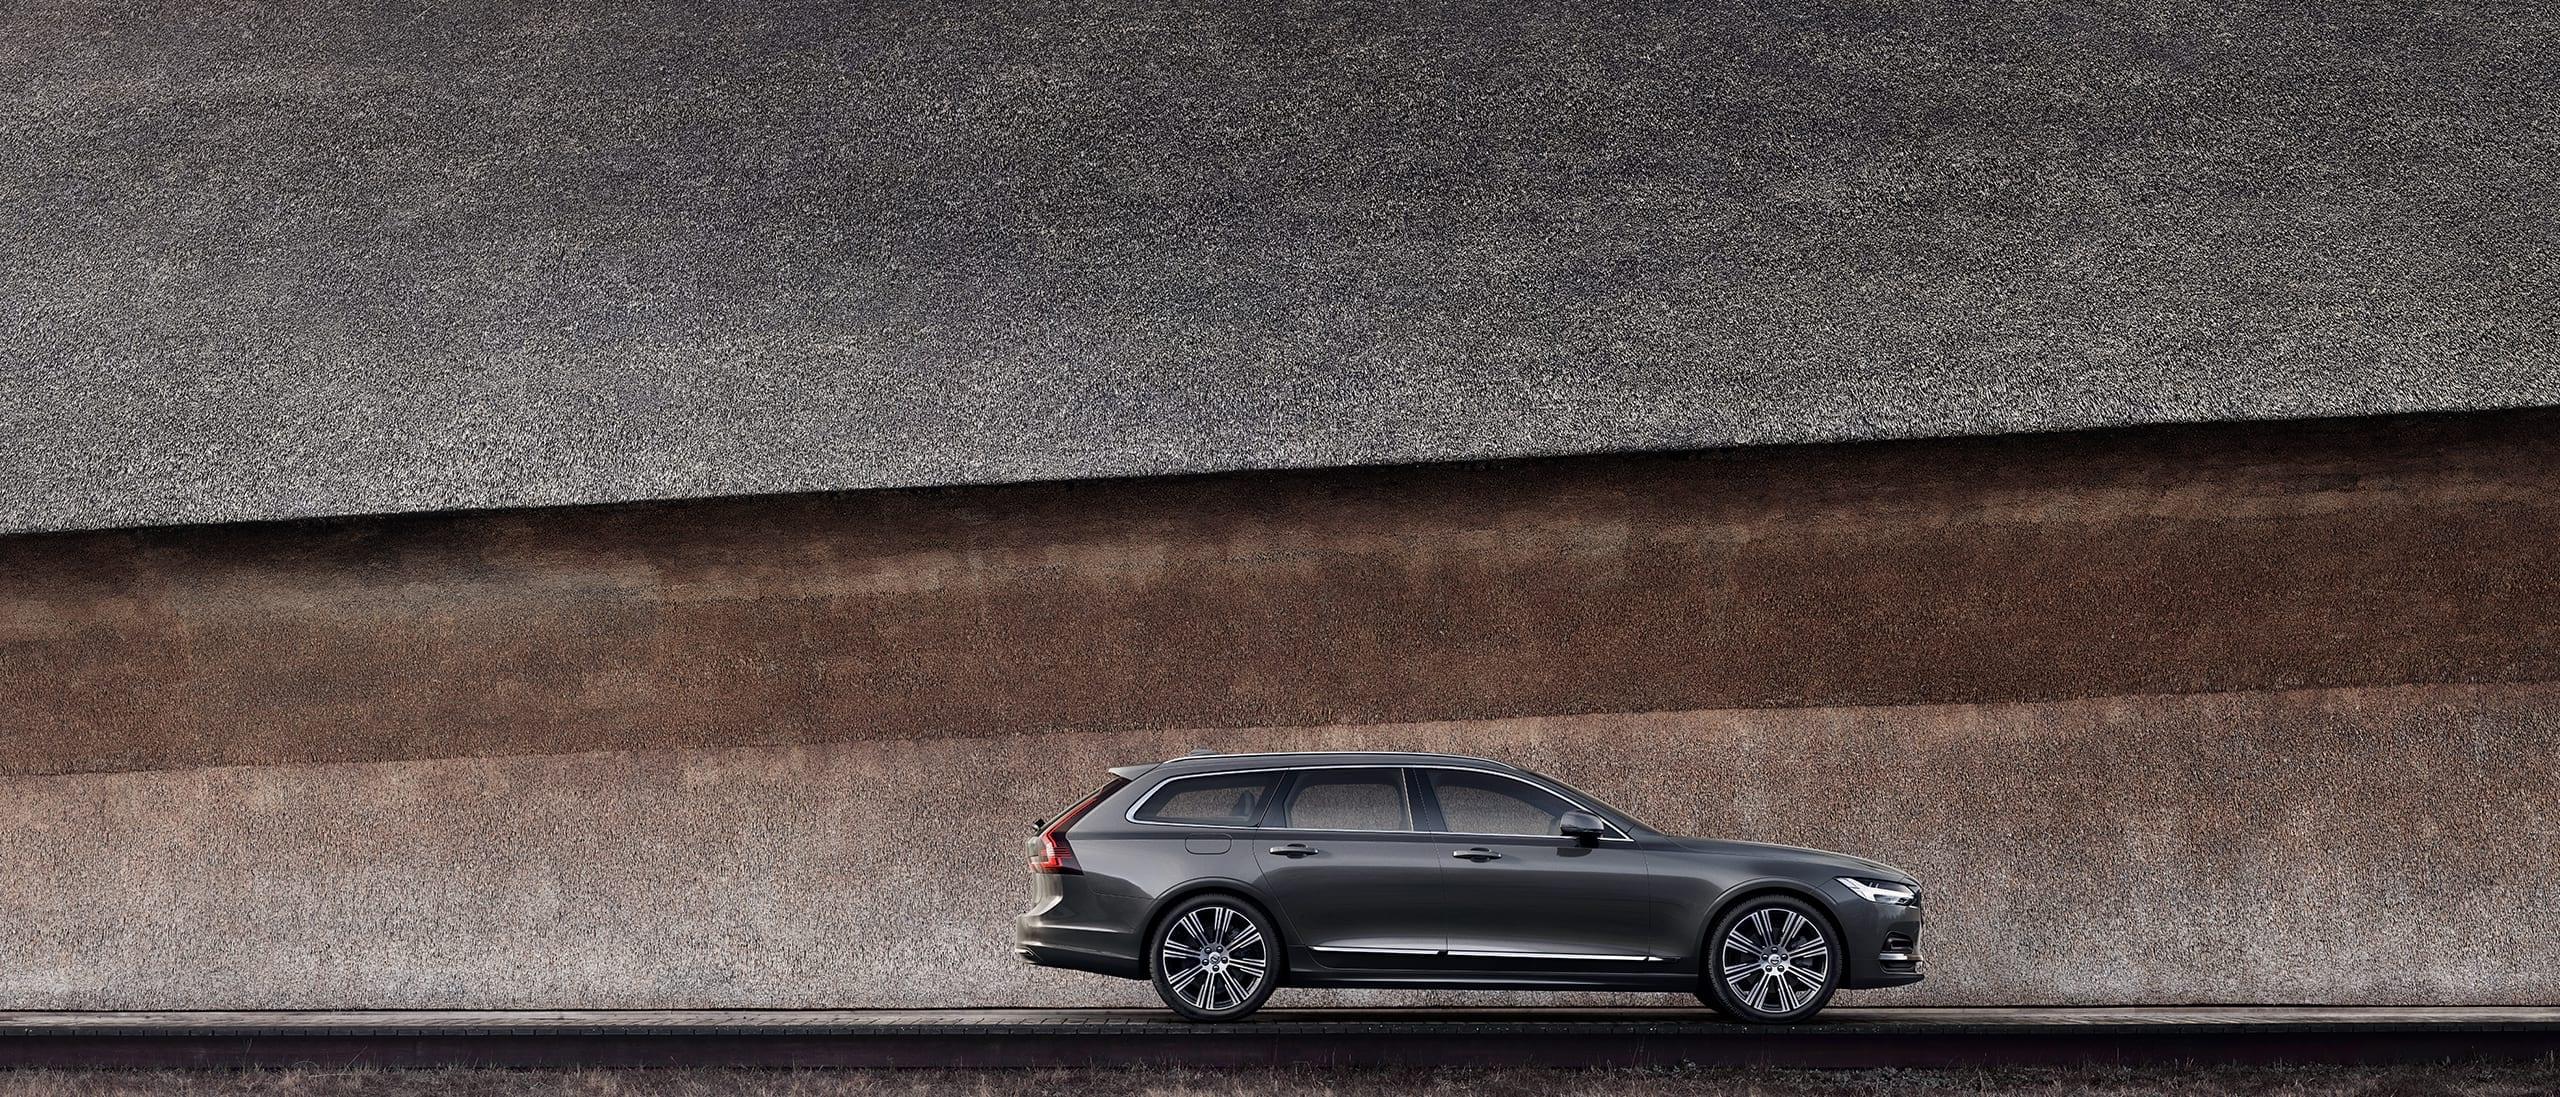 En mørkegrå Volvo V90, parkert ved en vegg.